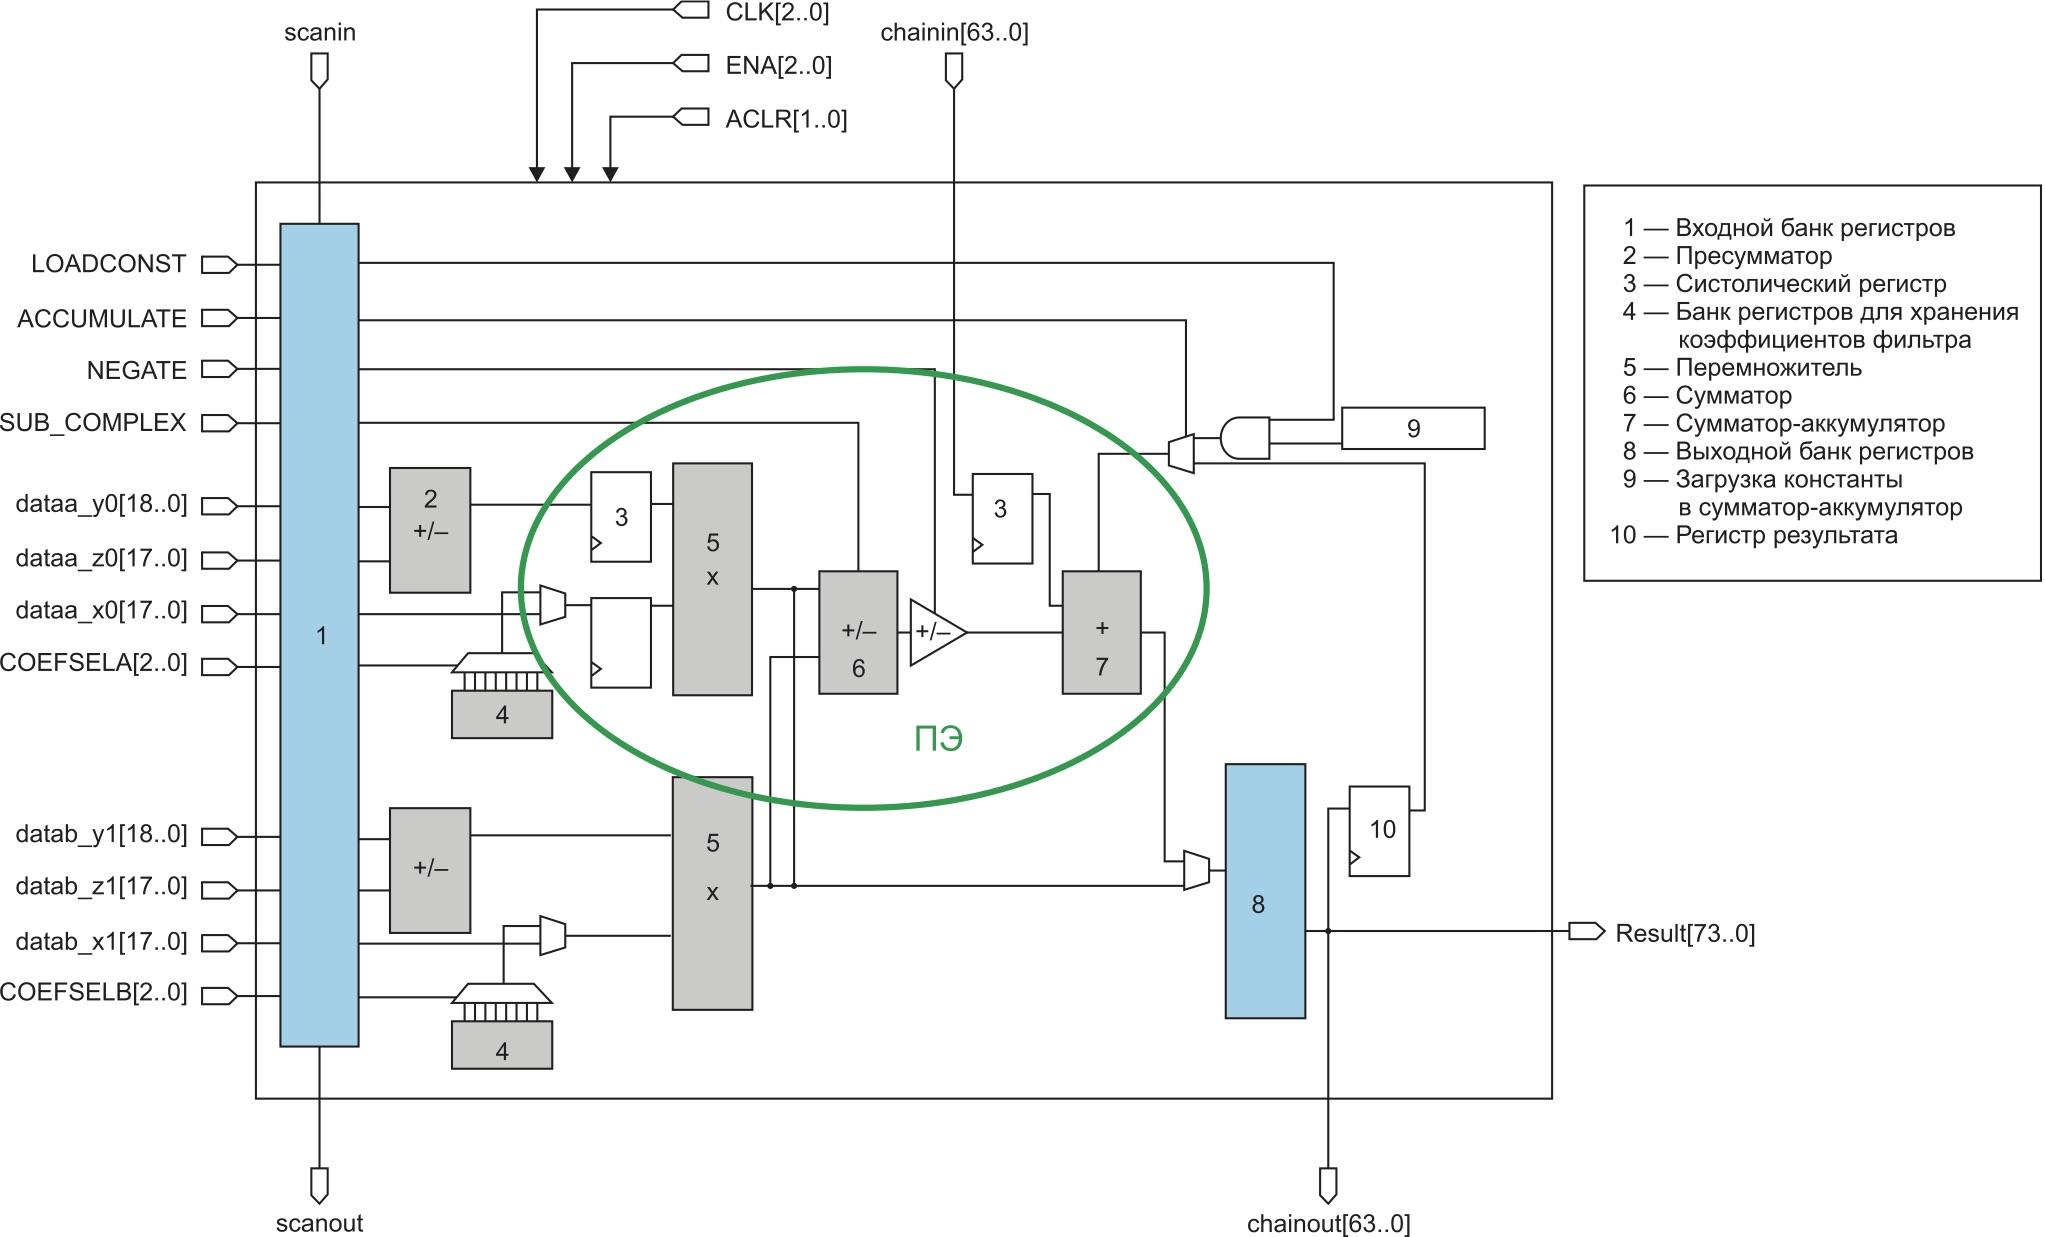 Систолические регистры, подключаемые опционально с помощью мегафункции ALTMULT_ADD в ЦОС-блоке с переменной точностью ПЛИС серии Cyclone V